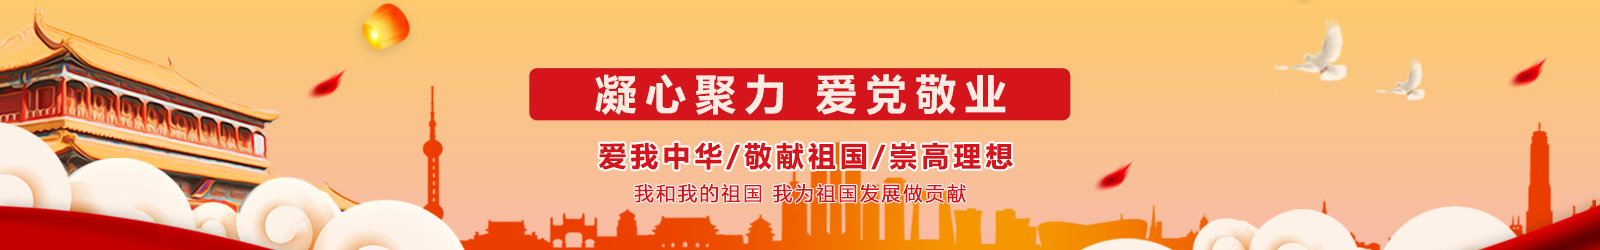 福建省建信工程管理集团有限公司